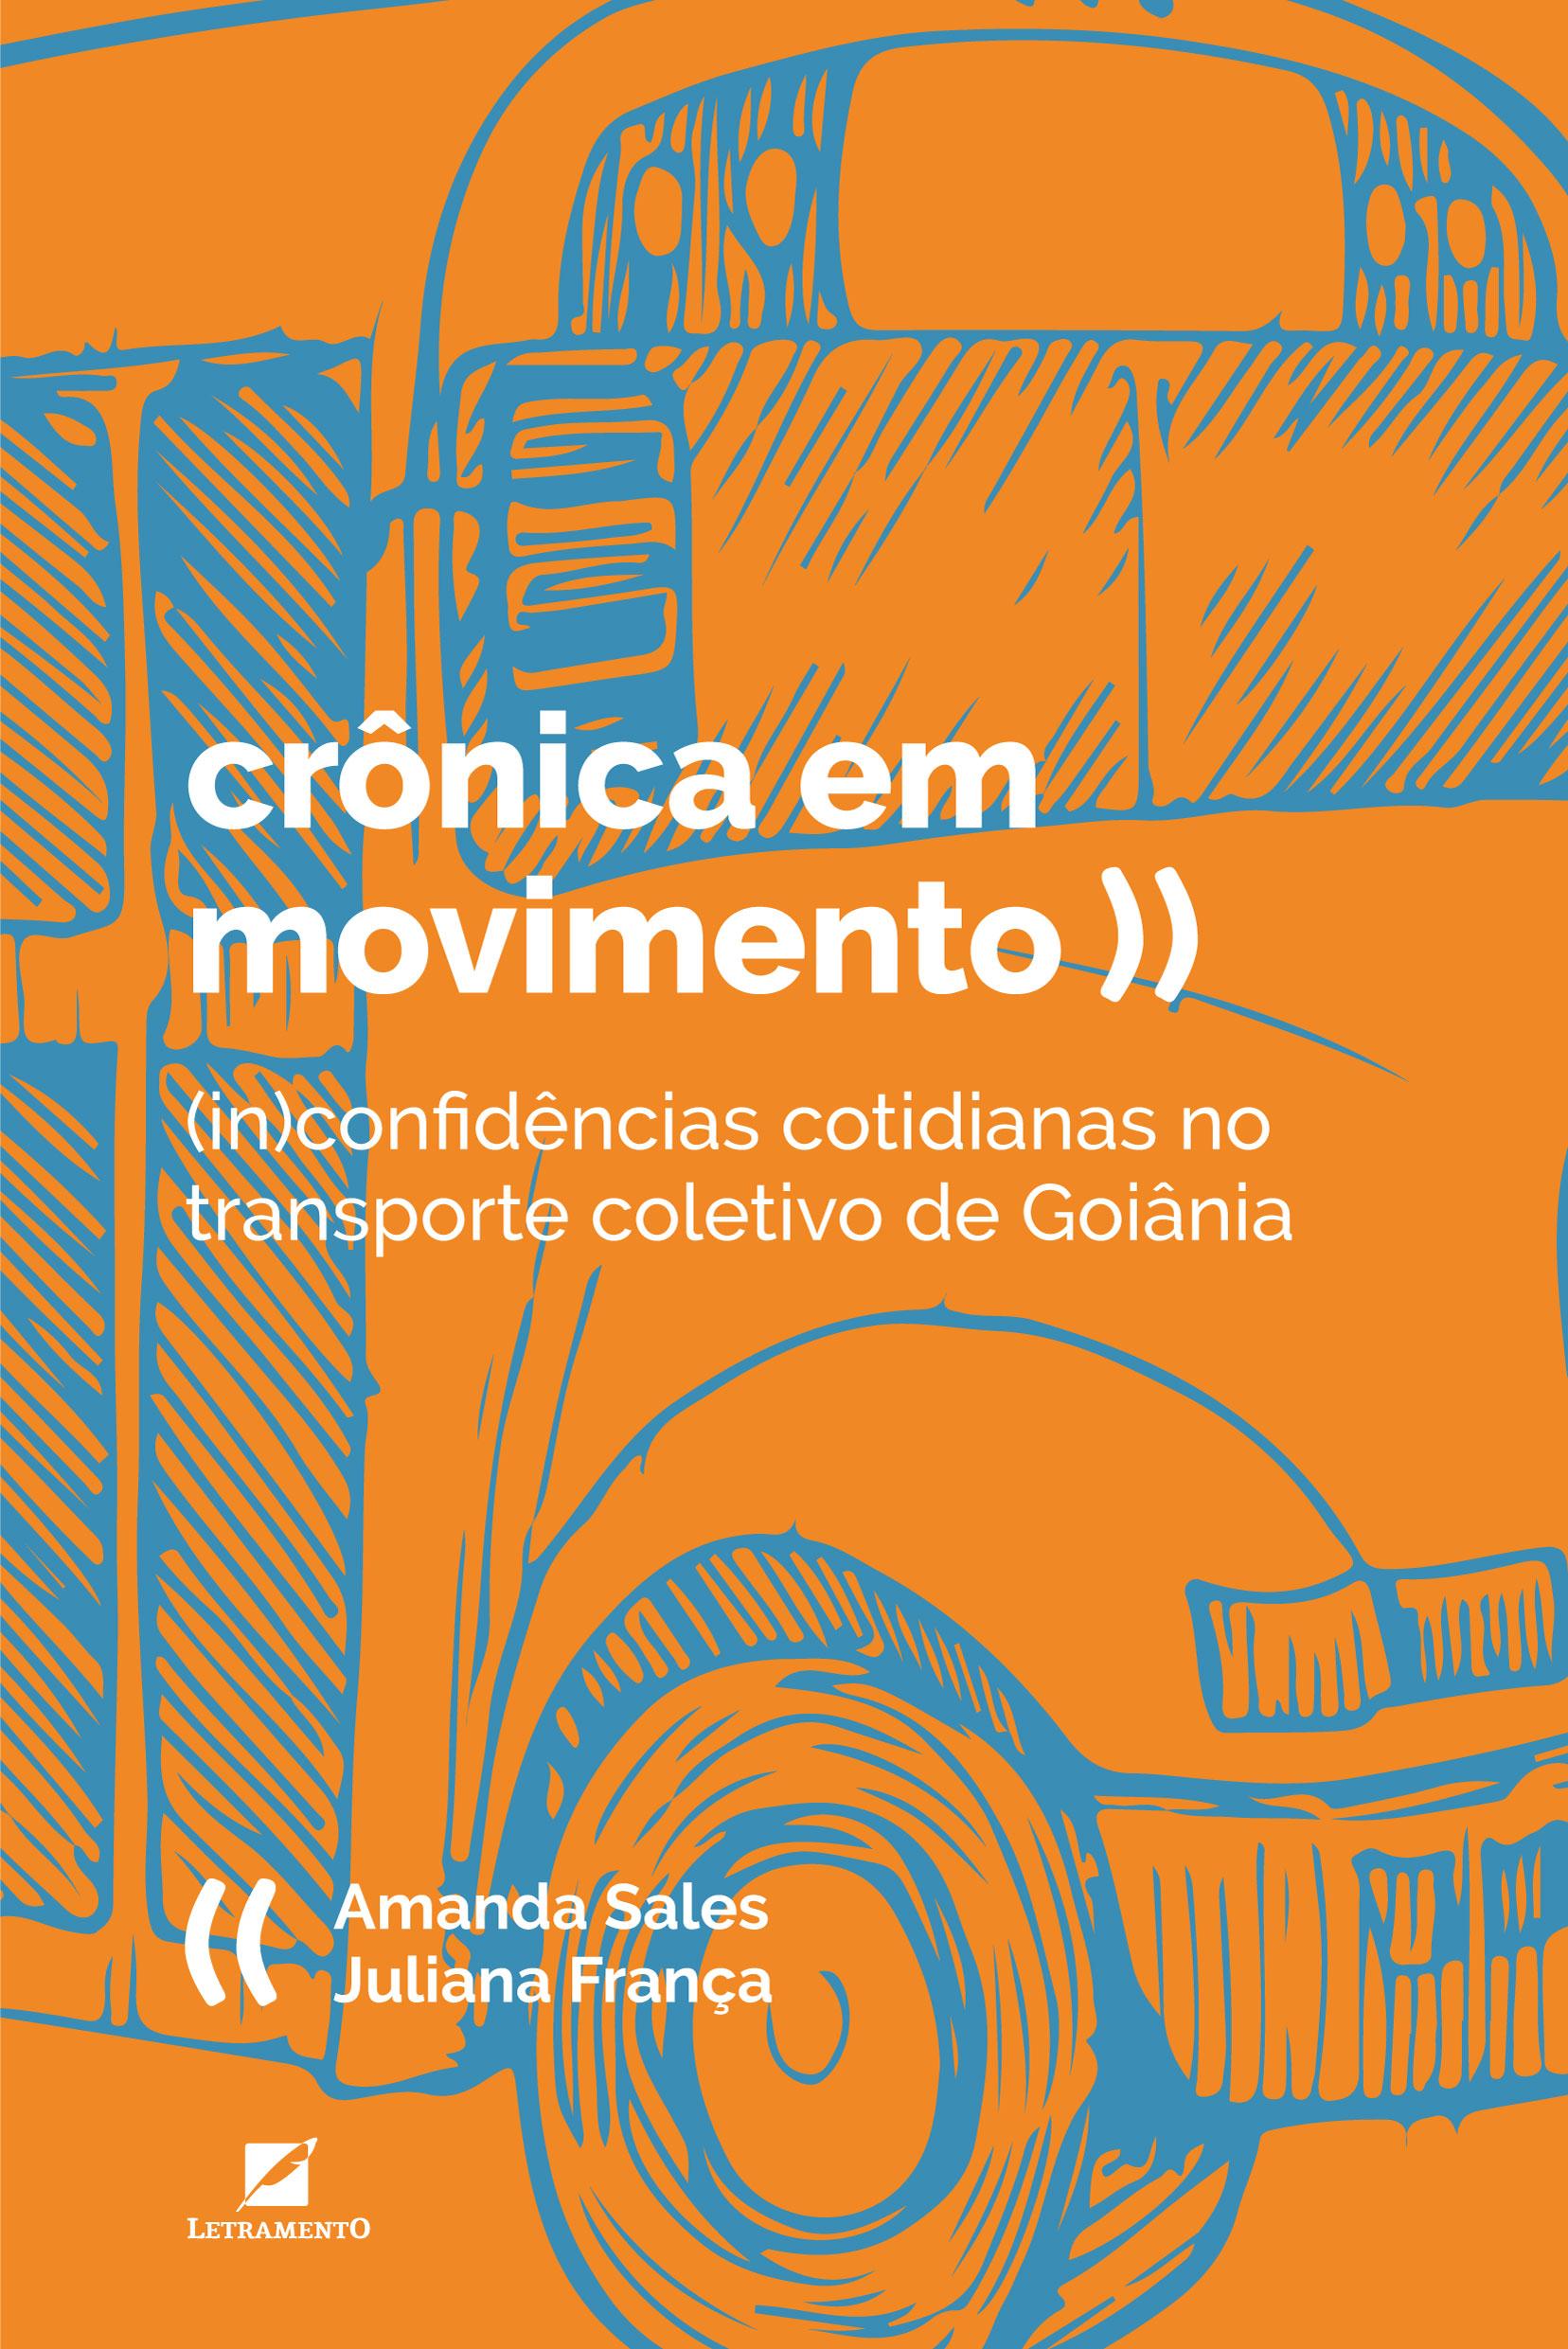 Crônica em Movimento: (In)confidências Cotidianas no Transporte Coletivo de Goiânia (Foto: Divulgação)